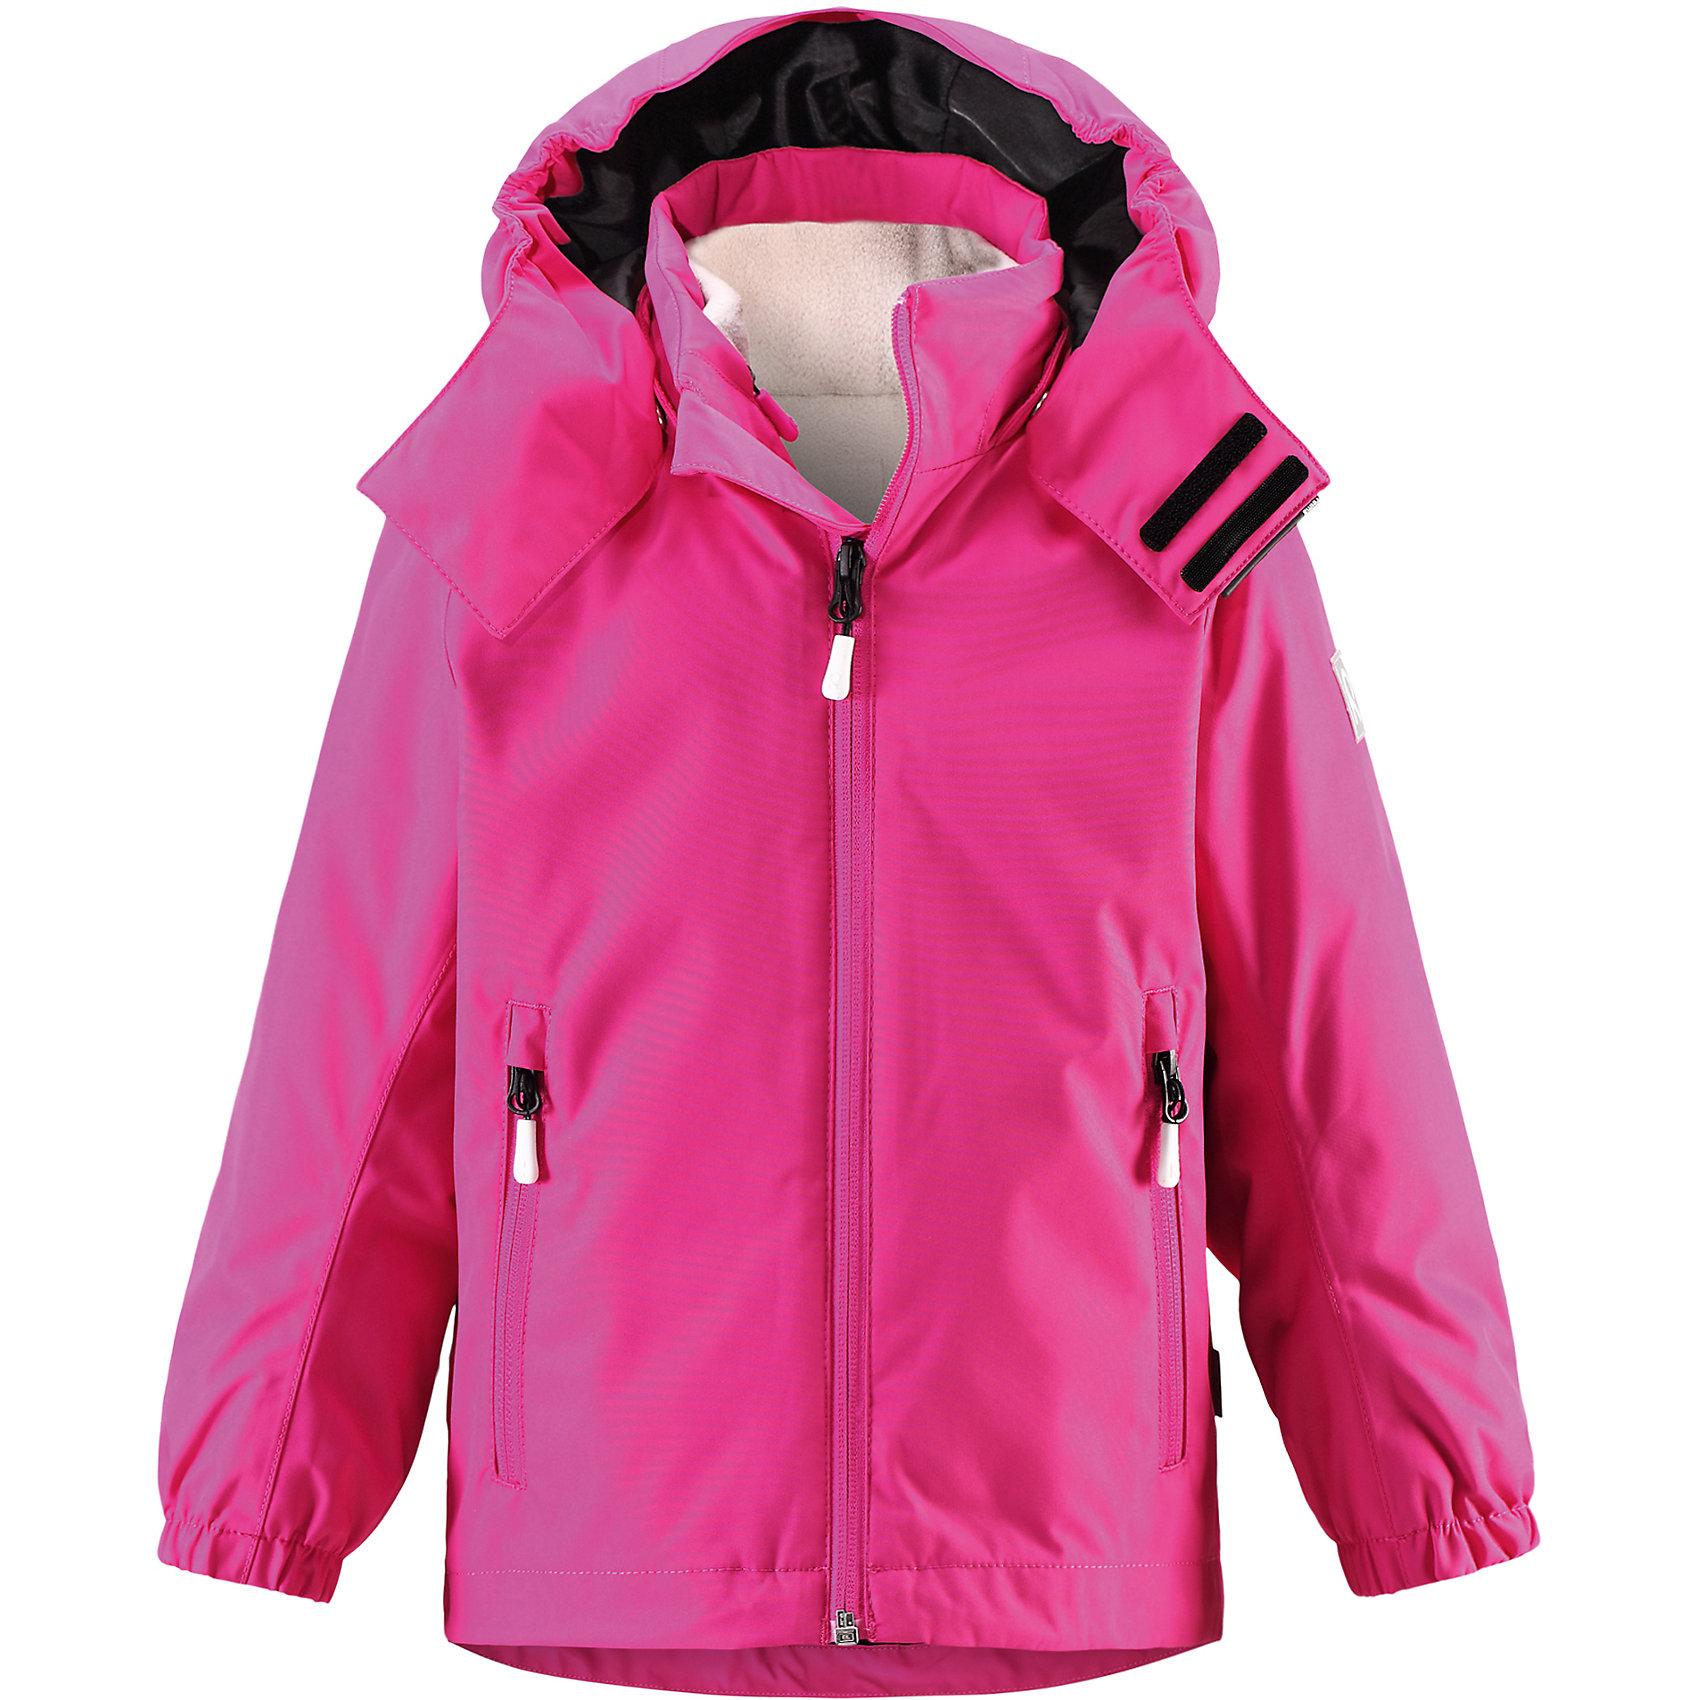 Куртка Roundtrip  Reimatec® ReimaОдежда<br>Характеристики товара:<br><br>• цвет: розовый<br>• состав: 100% полиэстер, полиуретановое покрытие<br>• температурный режим: -15° до +5° градусов<br>• внутренняя флисовая куртка<br>• водонепроницаемая мембрана: от 10000 мм<br>• основные швы проклеены<br>• съёмный капюшон<br>• молния<br>• светоотражающие детали<br>• «дышащий» материал<br>• ветро- водо- и грязеотталкивающий материал<br>• кнопки Reima® Play Layers <br>• карманы<br>• комфортная посадка<br>• страна производства: Китай<br>• страна бренда: Финляндия<br><br>Верхняя одежда для детей может быть модной и комфортной одновременно! Эти зимняя куртка поможет обеспечить ребенку комфорт и тепло. Она отлично смотрится с различной одеждой и обувью. Изделие удобно сидит и модно выглядит. Стильный дизайн разрабатывался специально для детей. Отличный вариант для активного отдыха зимой!<br><br>Одежда и обувь от финского бренда Reima пользуется популярностью во многих странах. Эти изделия стильные, качественные и удобные. Для производства продукции используются только безопасные, проверенные материалы и фурнитура. Порадуйте ребенка модными и красивыми вещами от Reima! <br><br>Куртку Roundtrip от финского бренда Reimatec® Reima (Рейма) можно купить в нашем интернет-магазине.<br><br>Ширина мм: 356<br>Глубина мм: 10<br>Высота мм: 245<br>Вес г: 519<br>Цвет: розовый<br>Возраст от месяцев: 60<br>Возраст до месяцев: 72<br>Пол: Унисекс<br>Возраст: Детский<br>Размер: 116,128,122,110,104,134,140<br>SKU: 5415475